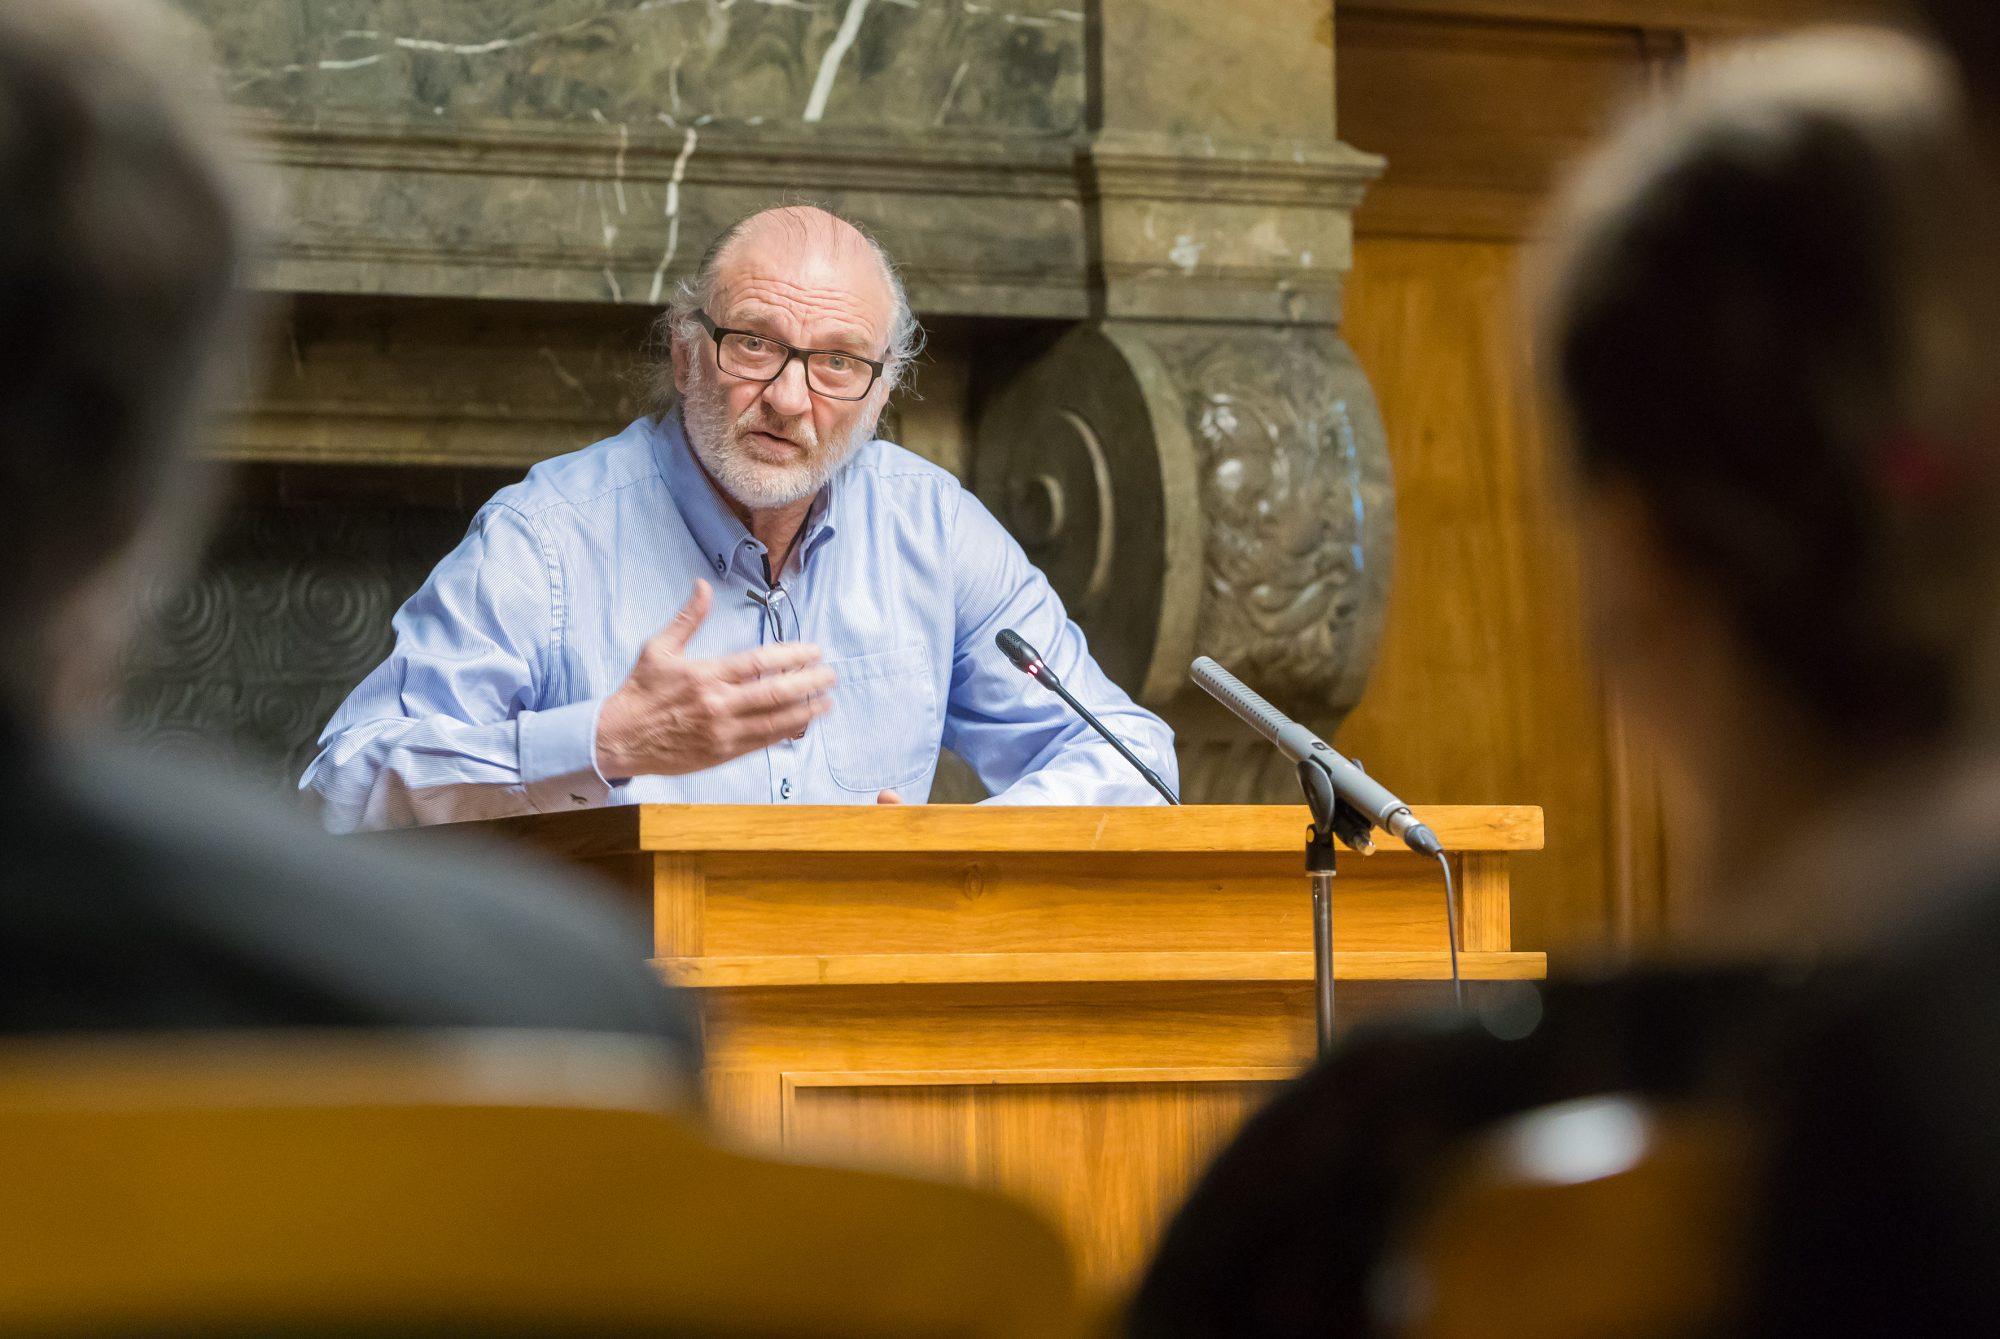 Der erste Bertolt Brecht Gastprofessor der Stadt Leipzig am CCT der Universität Leipzig, Herr Peter Konwitschny, bei seinem Empfang im alten Ratsplenarsaal der Stadt Leipzig